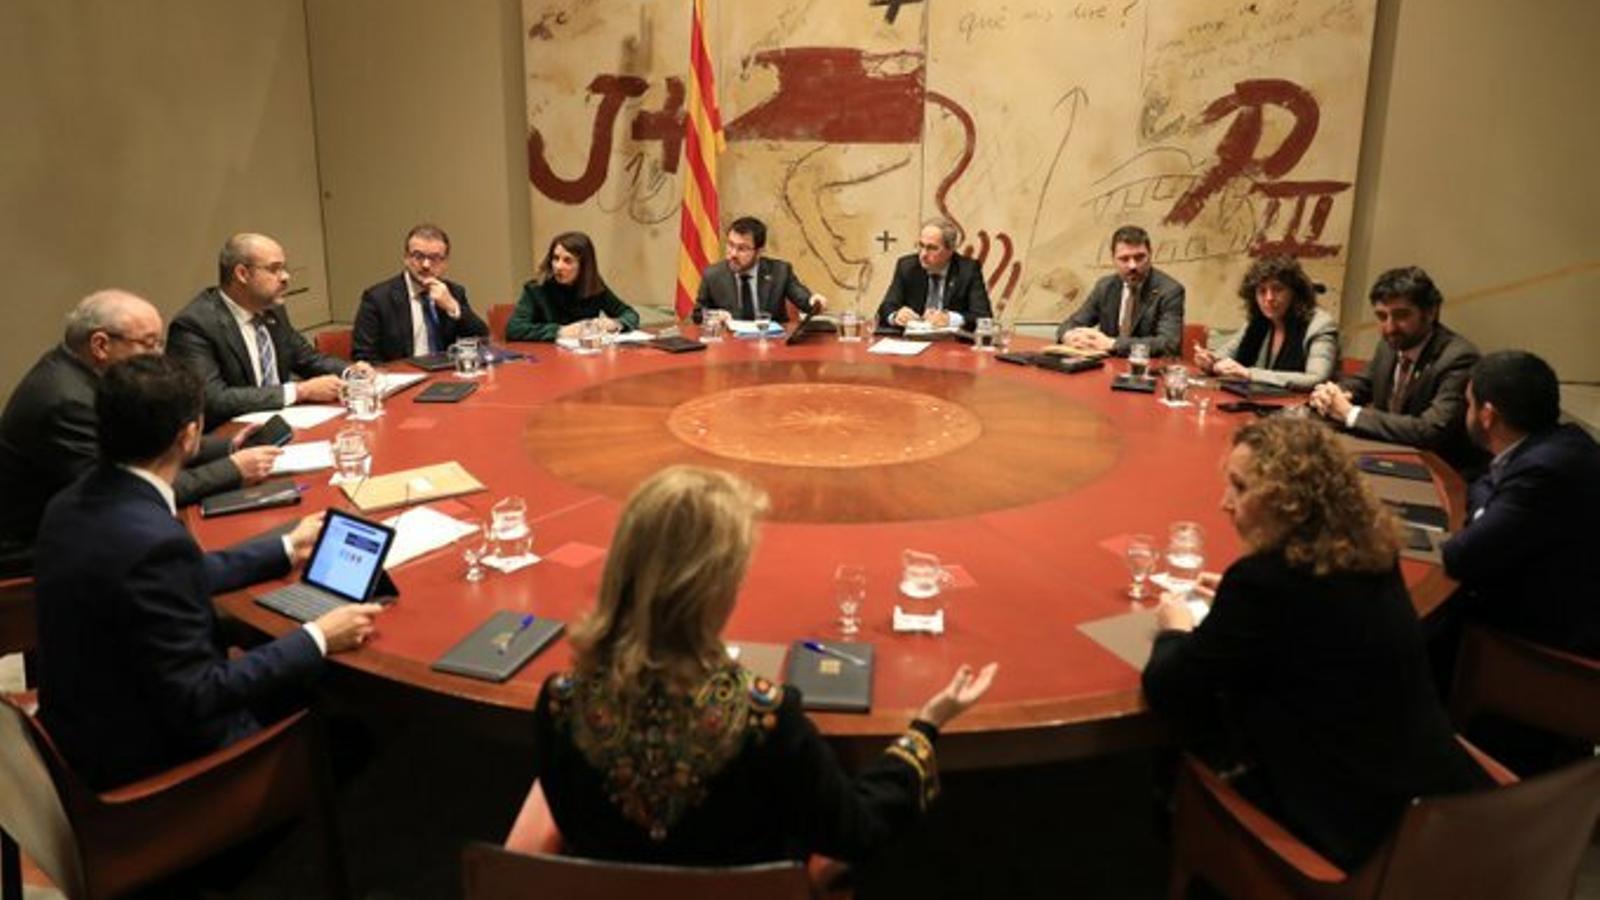 Budó afirma que la reunió dels presidents ha de servir per definir la taula de negociació entre governs